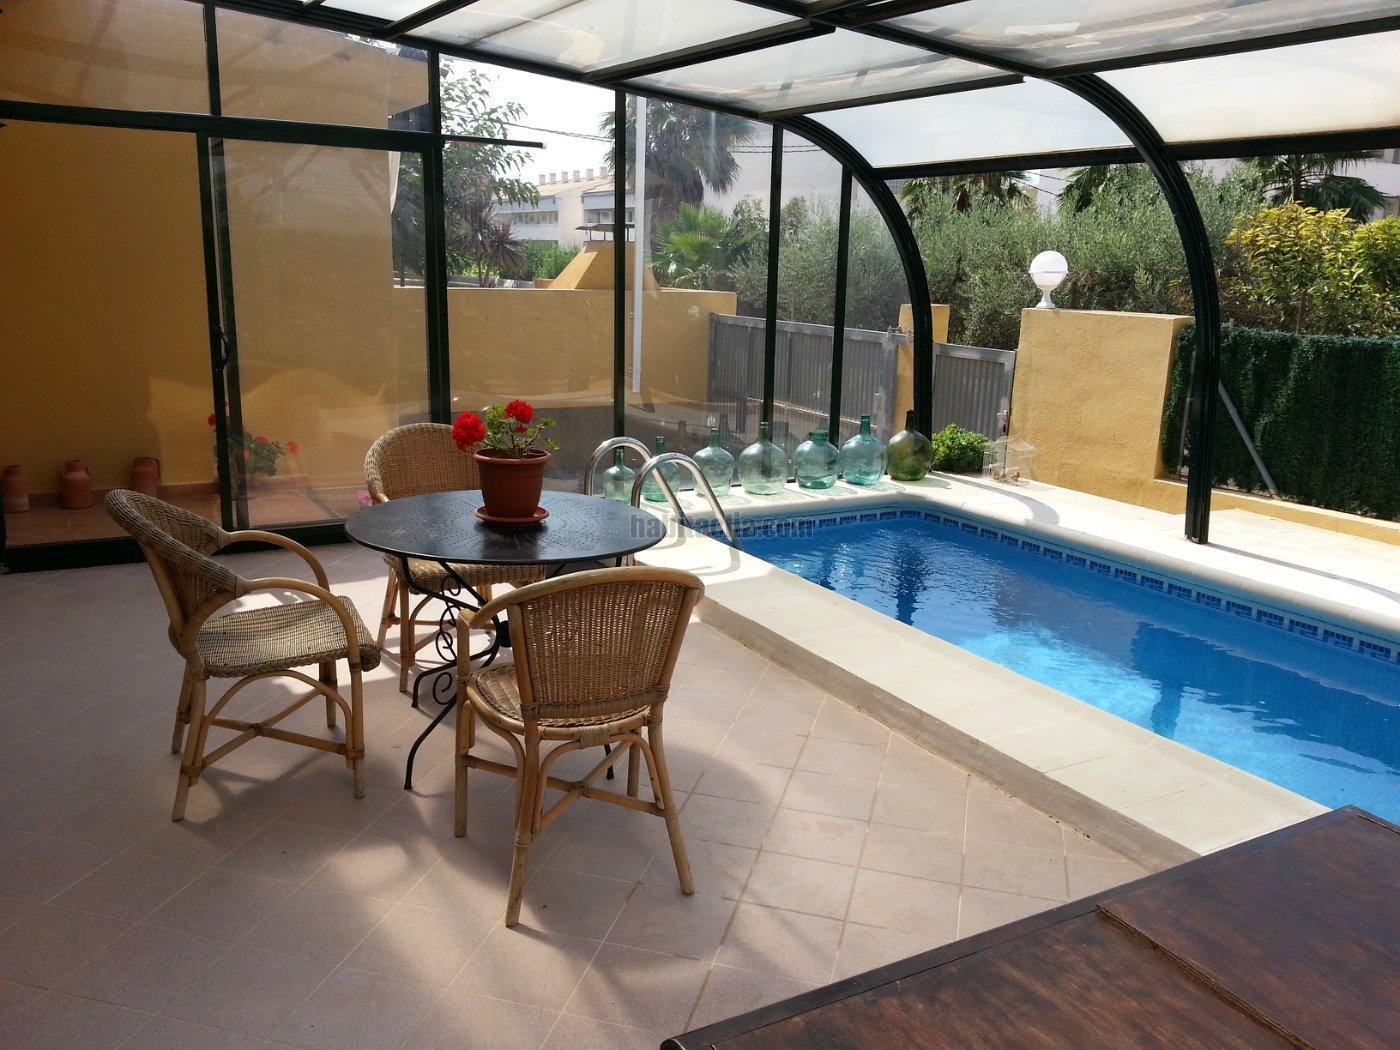 Casa pareada por en partida solaes con piscina for Piscina benicarlo